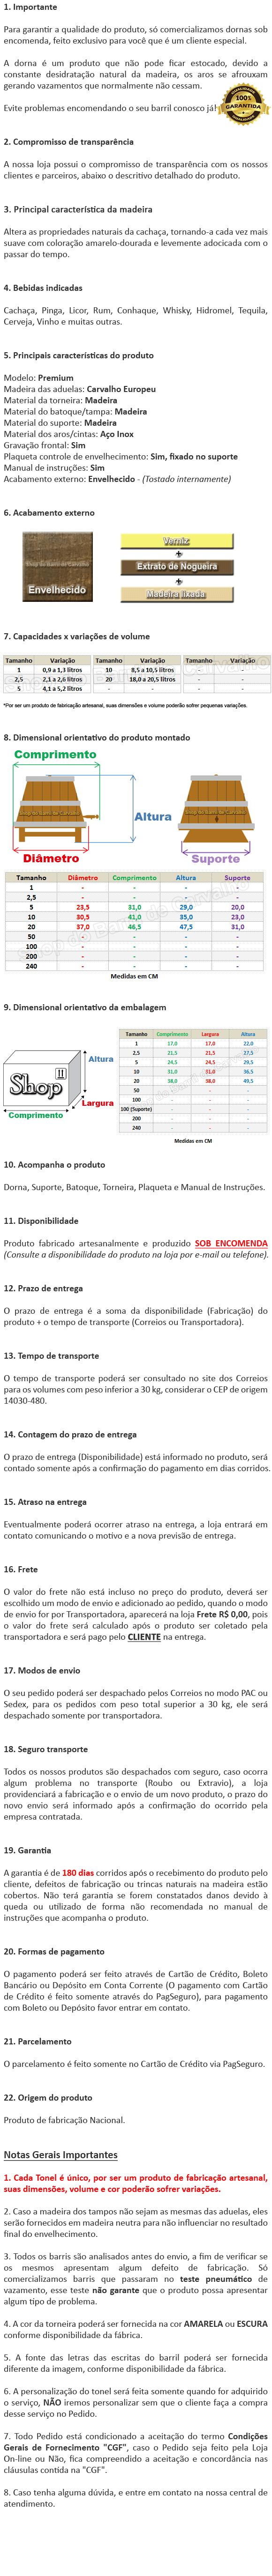 Descricao-Dorna-Carvalho-Europeu-Premium-Envelhecido.png